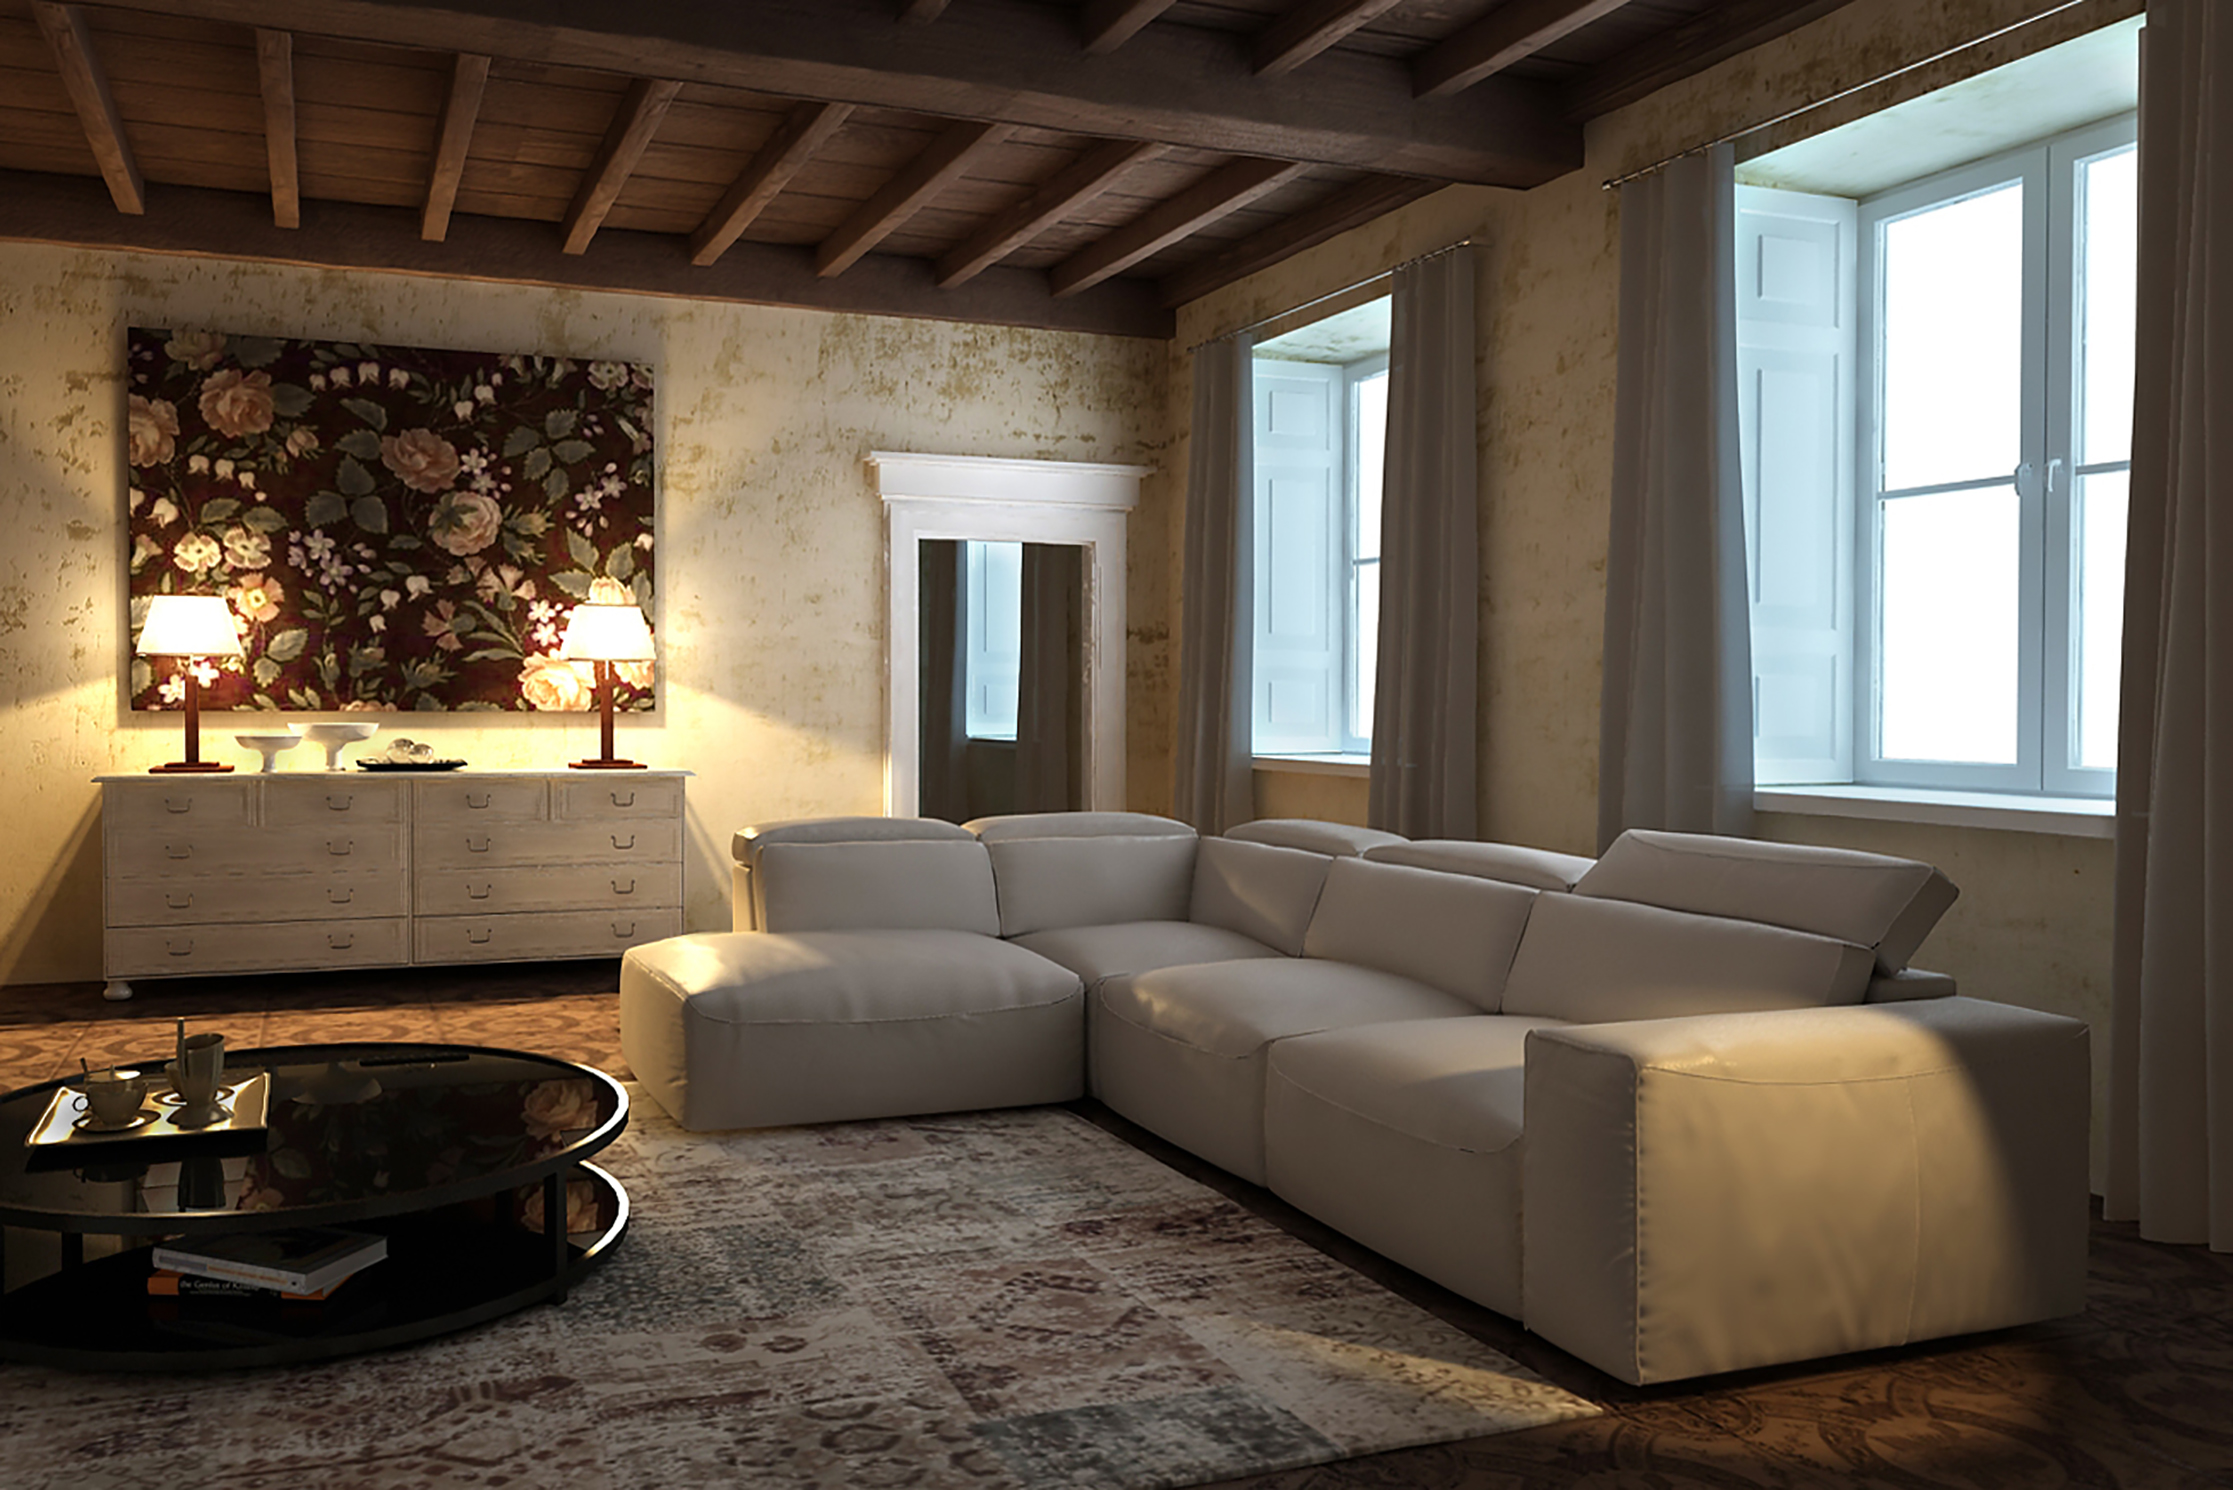 Tendencias en decoración de sofás. Colores neutros